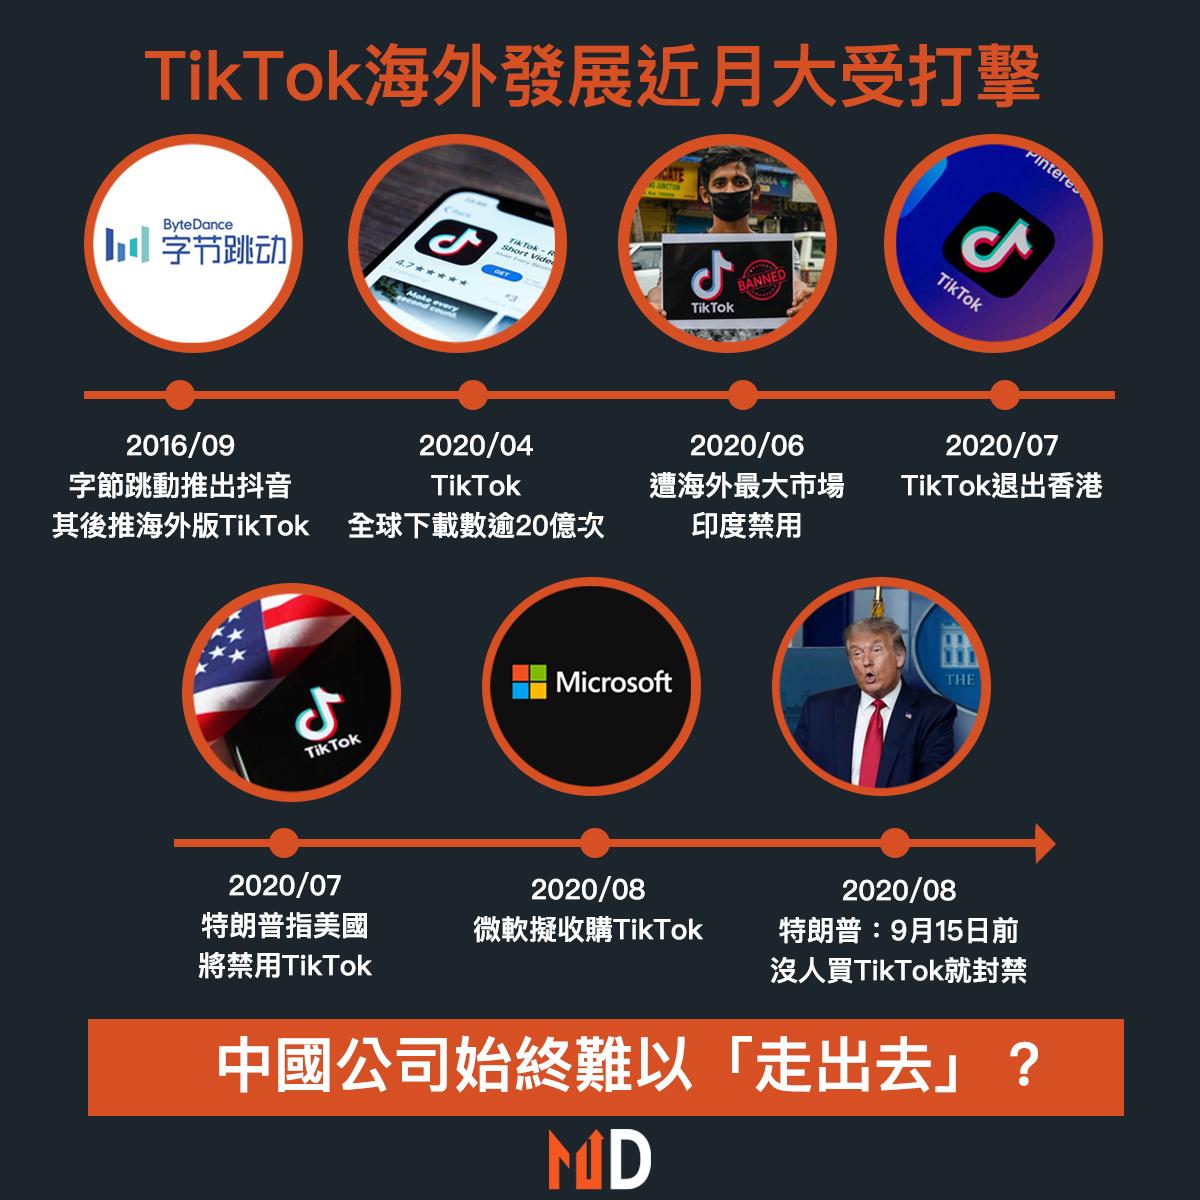 【字節跳動回顧】TikTok海外發展近月大受打擊